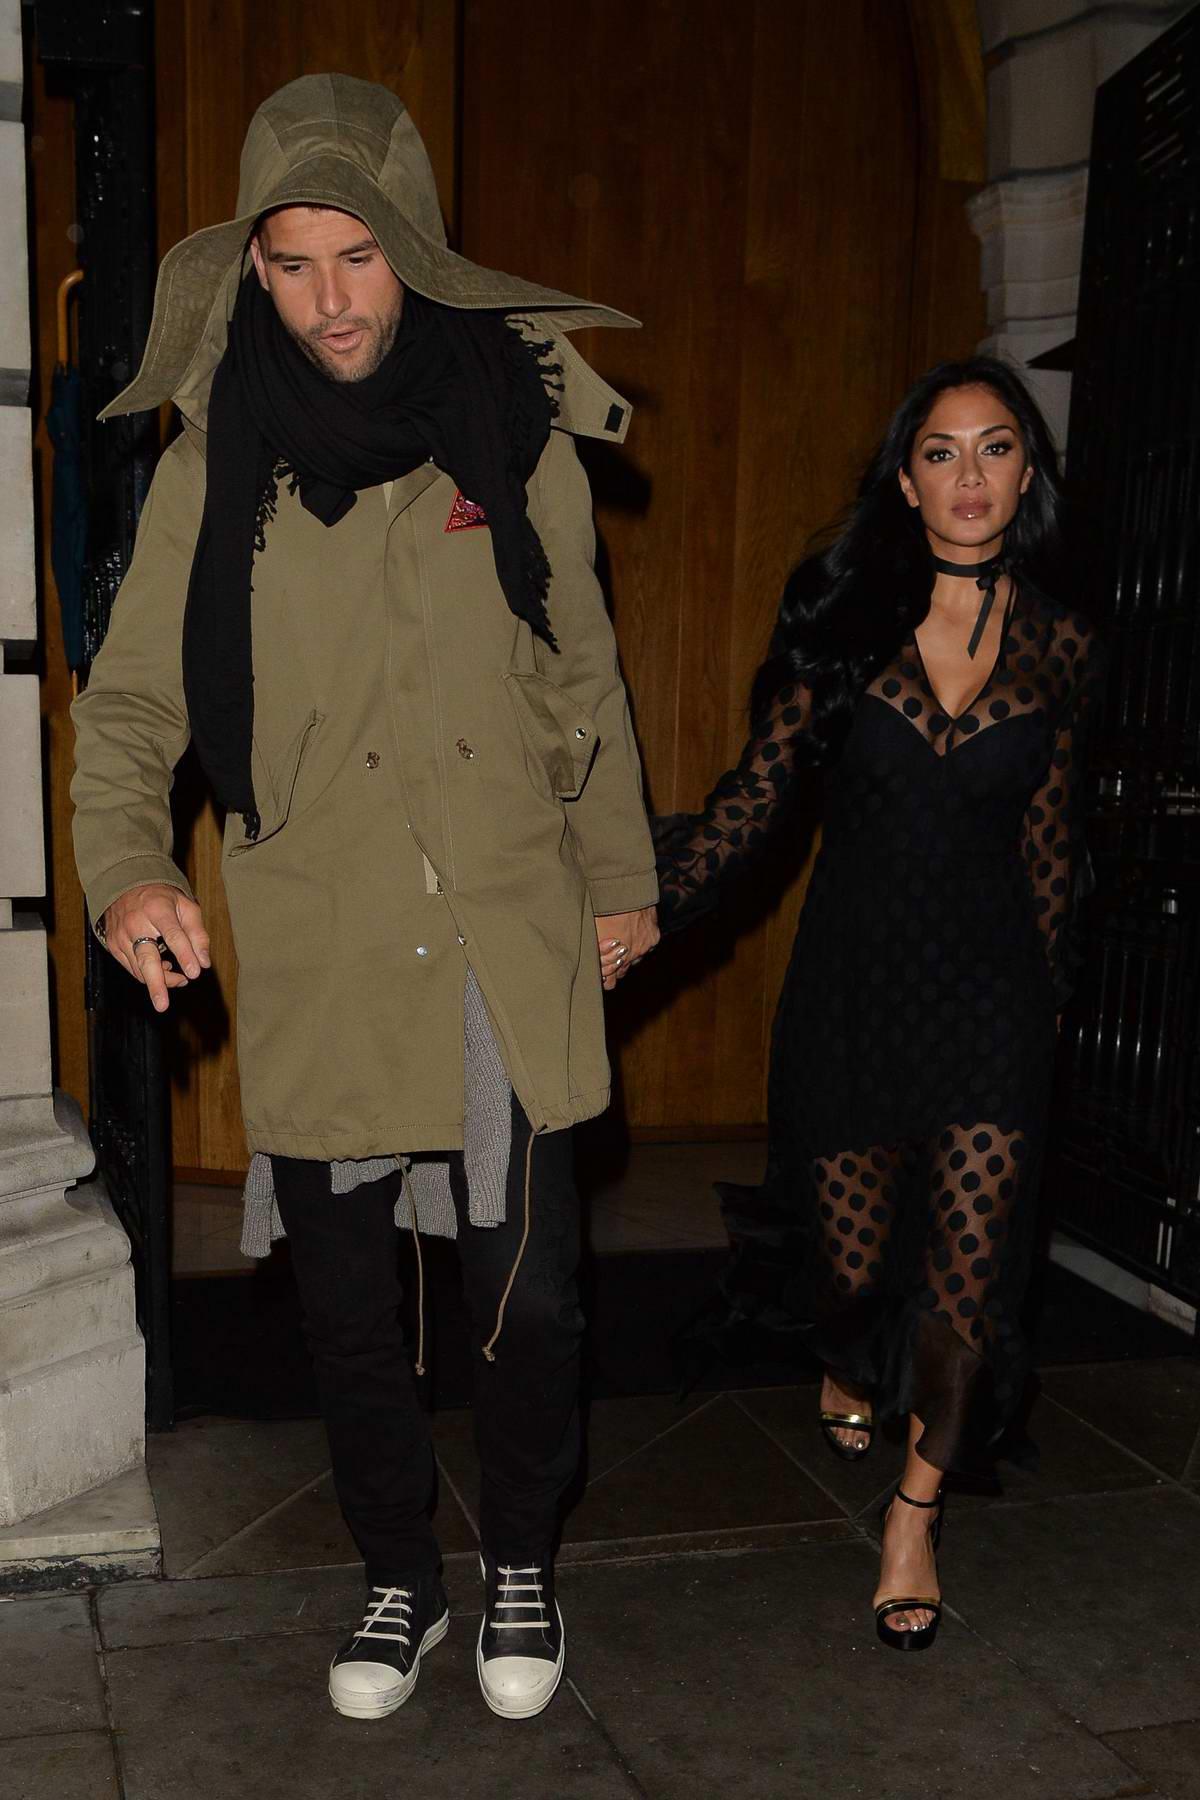 Nicole Scherzinger and boyfriend Grigor Dimitrov at Milo restaurant in London